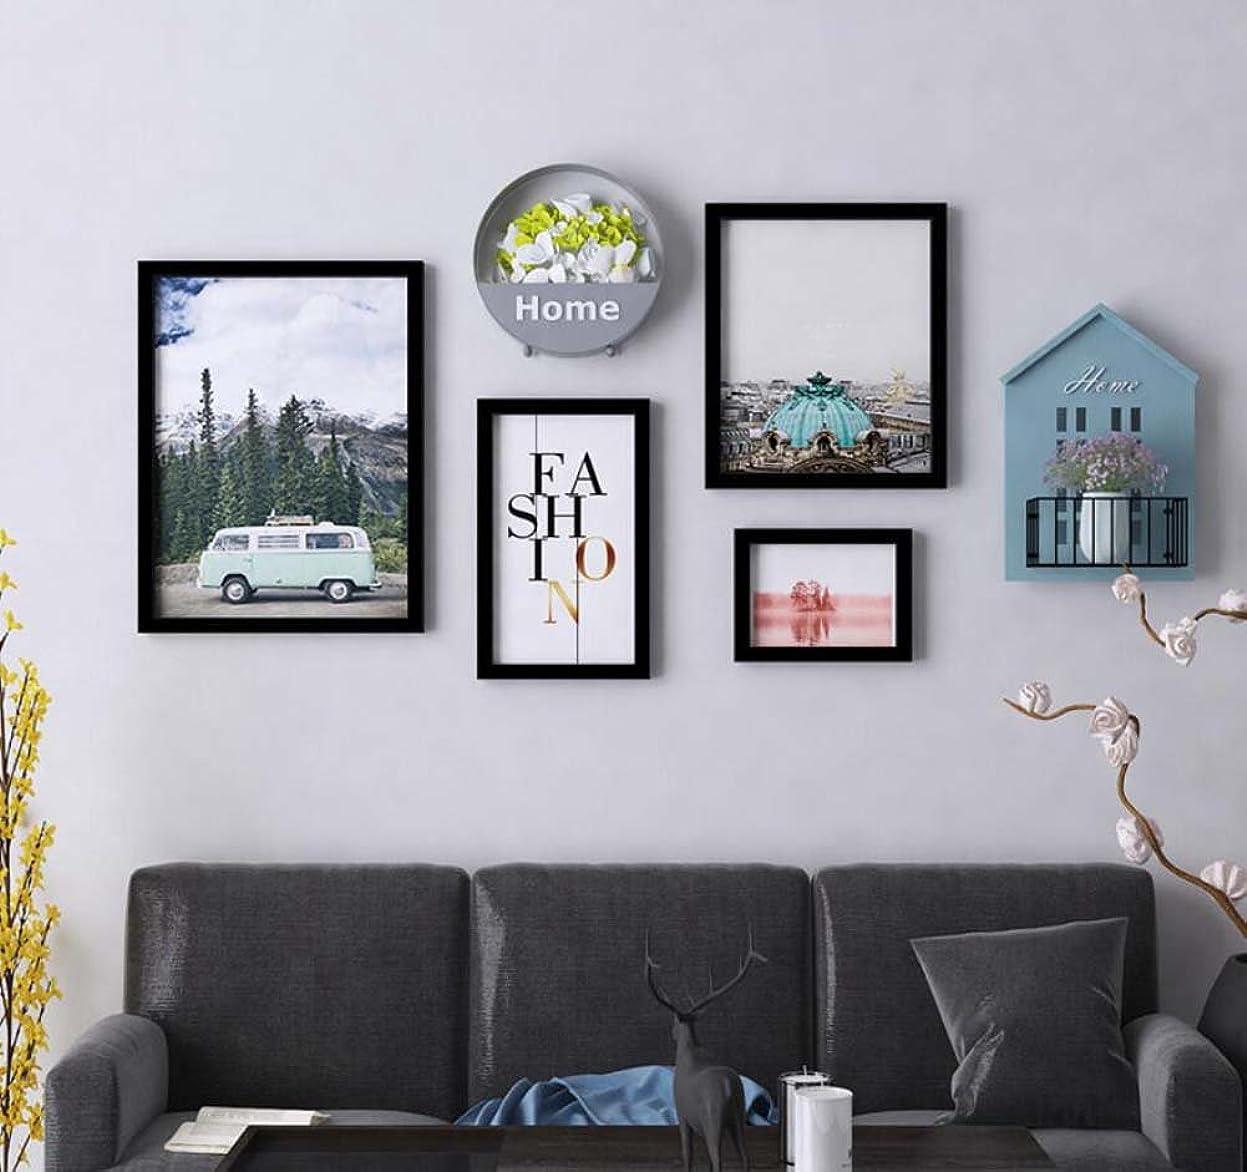 突き刺す蜂通貨4絵画壁の装飾壁画の組み合わせ、テレビの壁壁掛けの絵画の組み合わせ装飾的な絵画、独創的な壁掛けの木製のフレーム、ラック+アイアンフラワーバスケット(装飾なし)